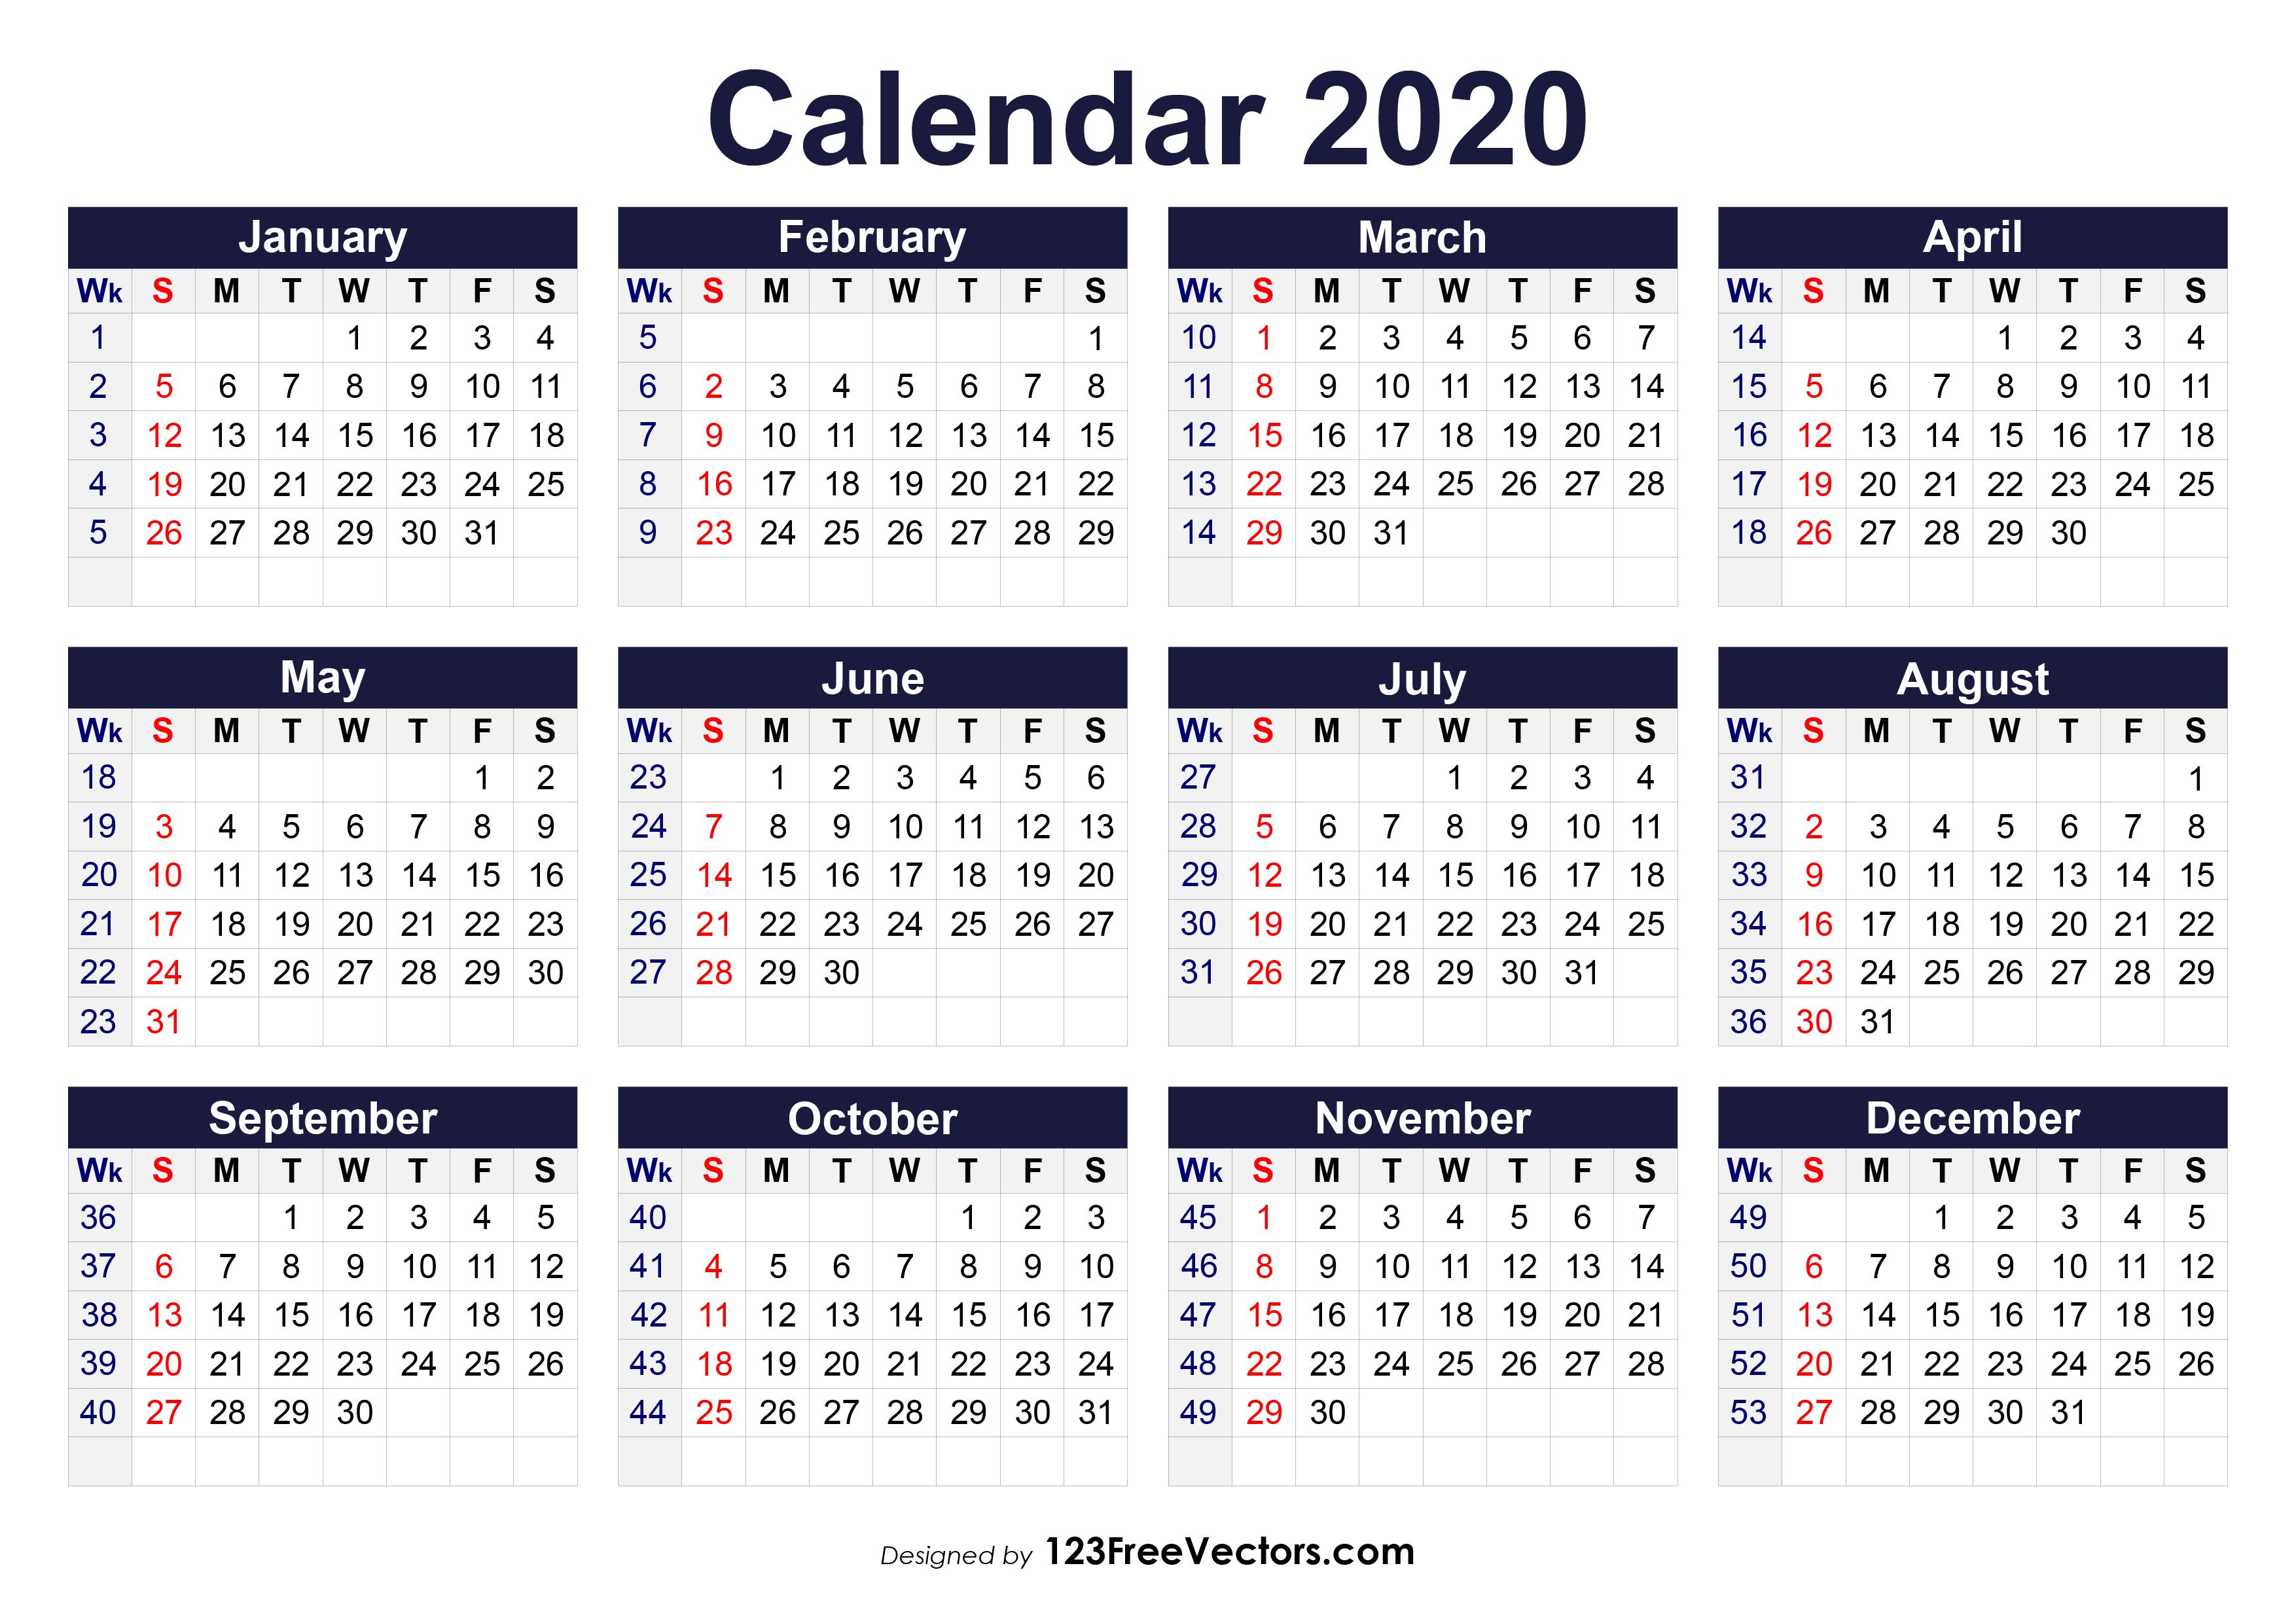 2020 Weekly Calendar Printable.Printable 2020 Calendar With Week Numbers